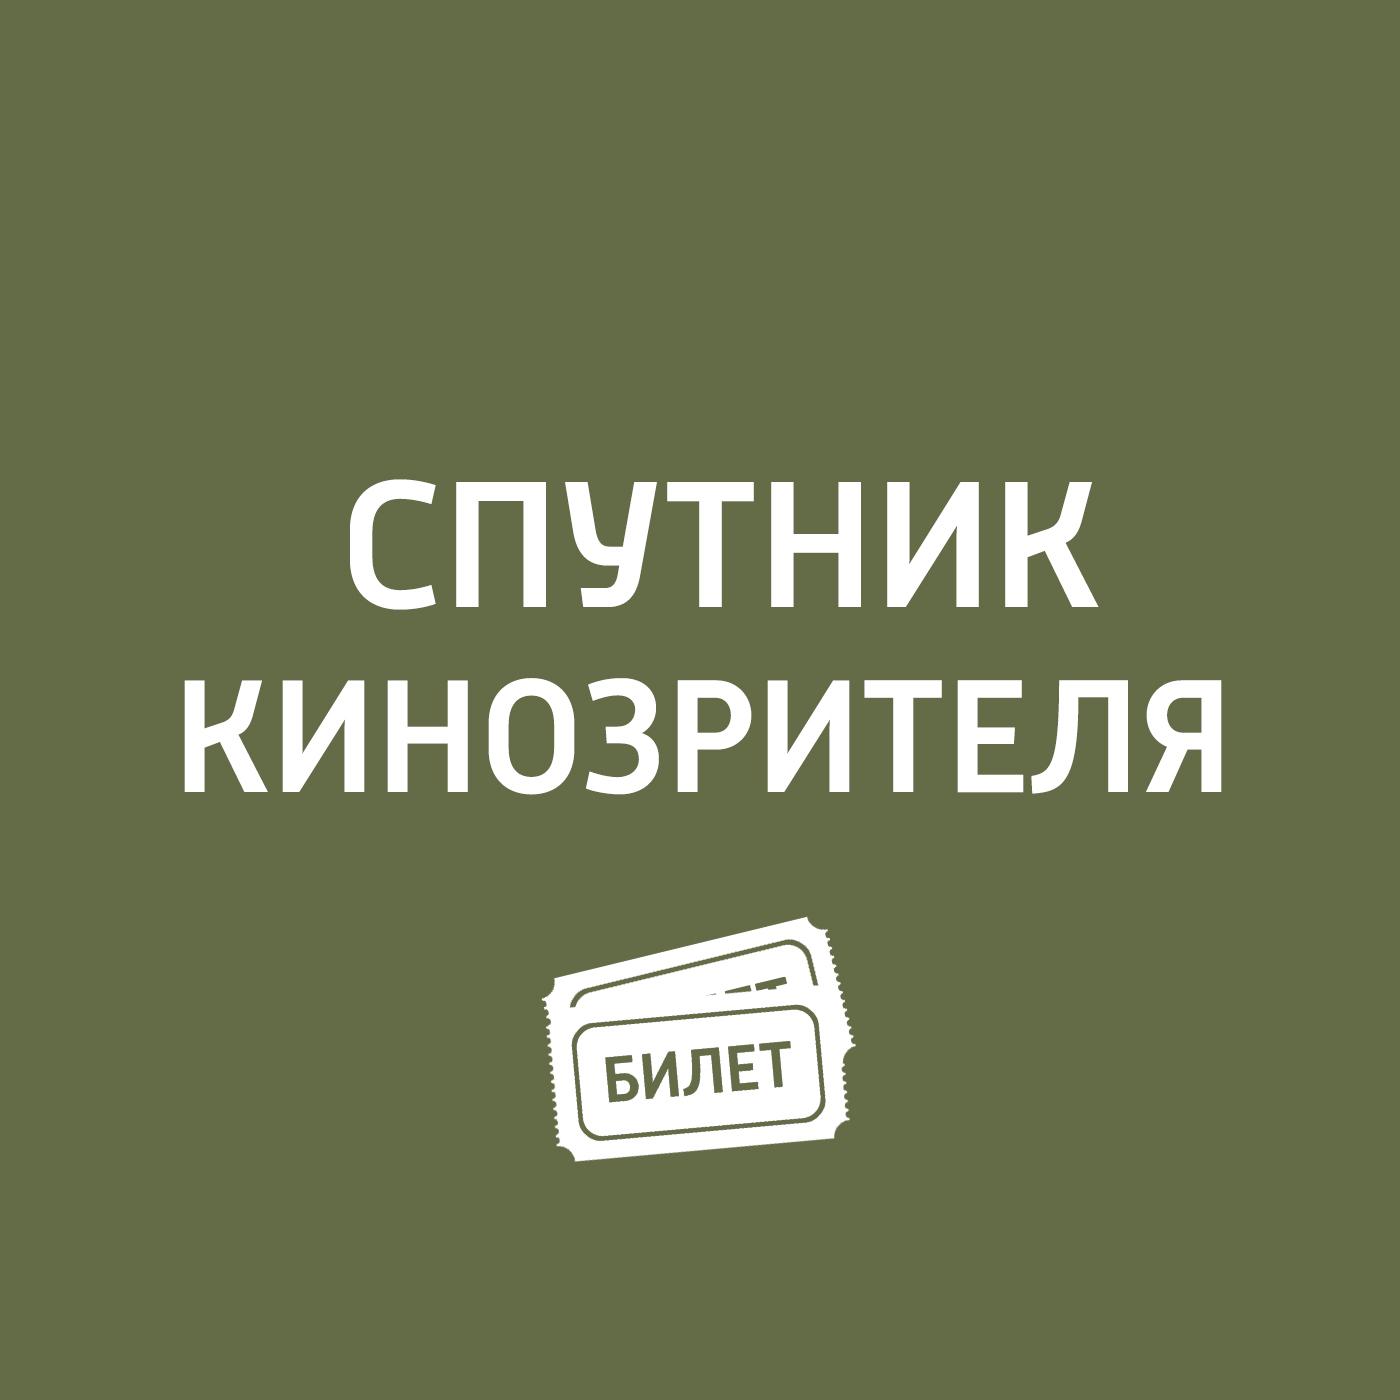 Антон Долин Итоги «Золотого глобуса антон долин итоги премии оскар 2017